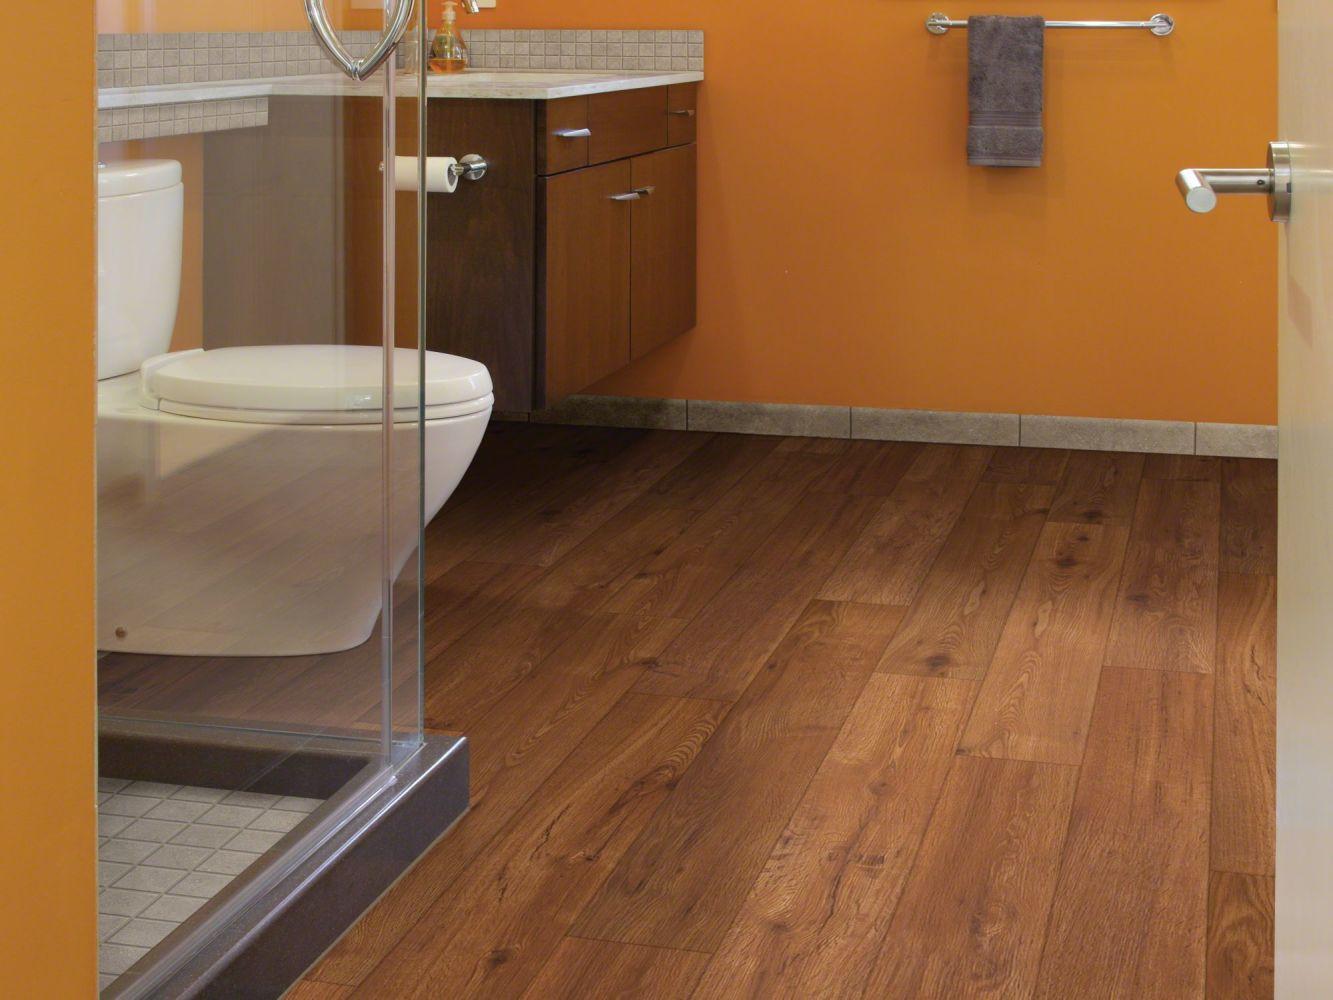 Shaw Floors Resilient Residential San Gorgonio Plus Giallo 00643_HSS44